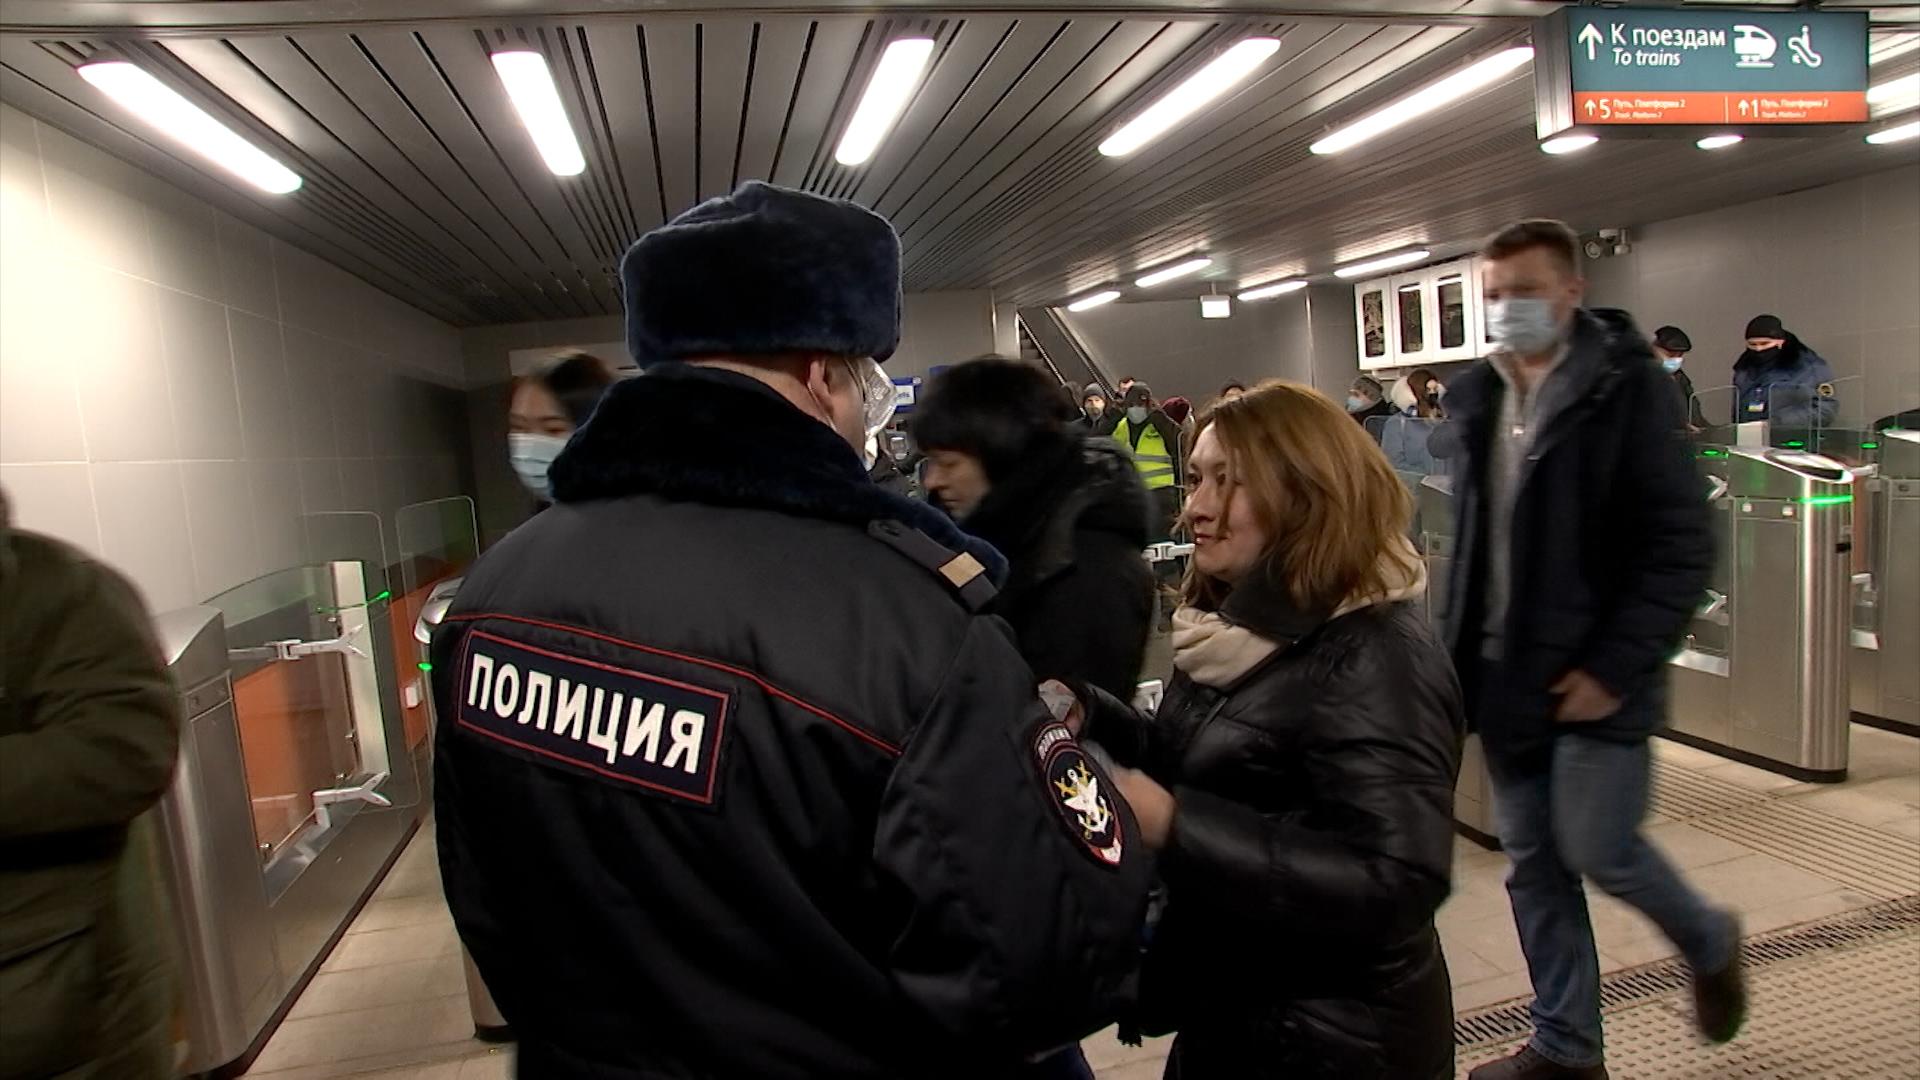 Рейд транспортной полиции по соблюдению масочного режима